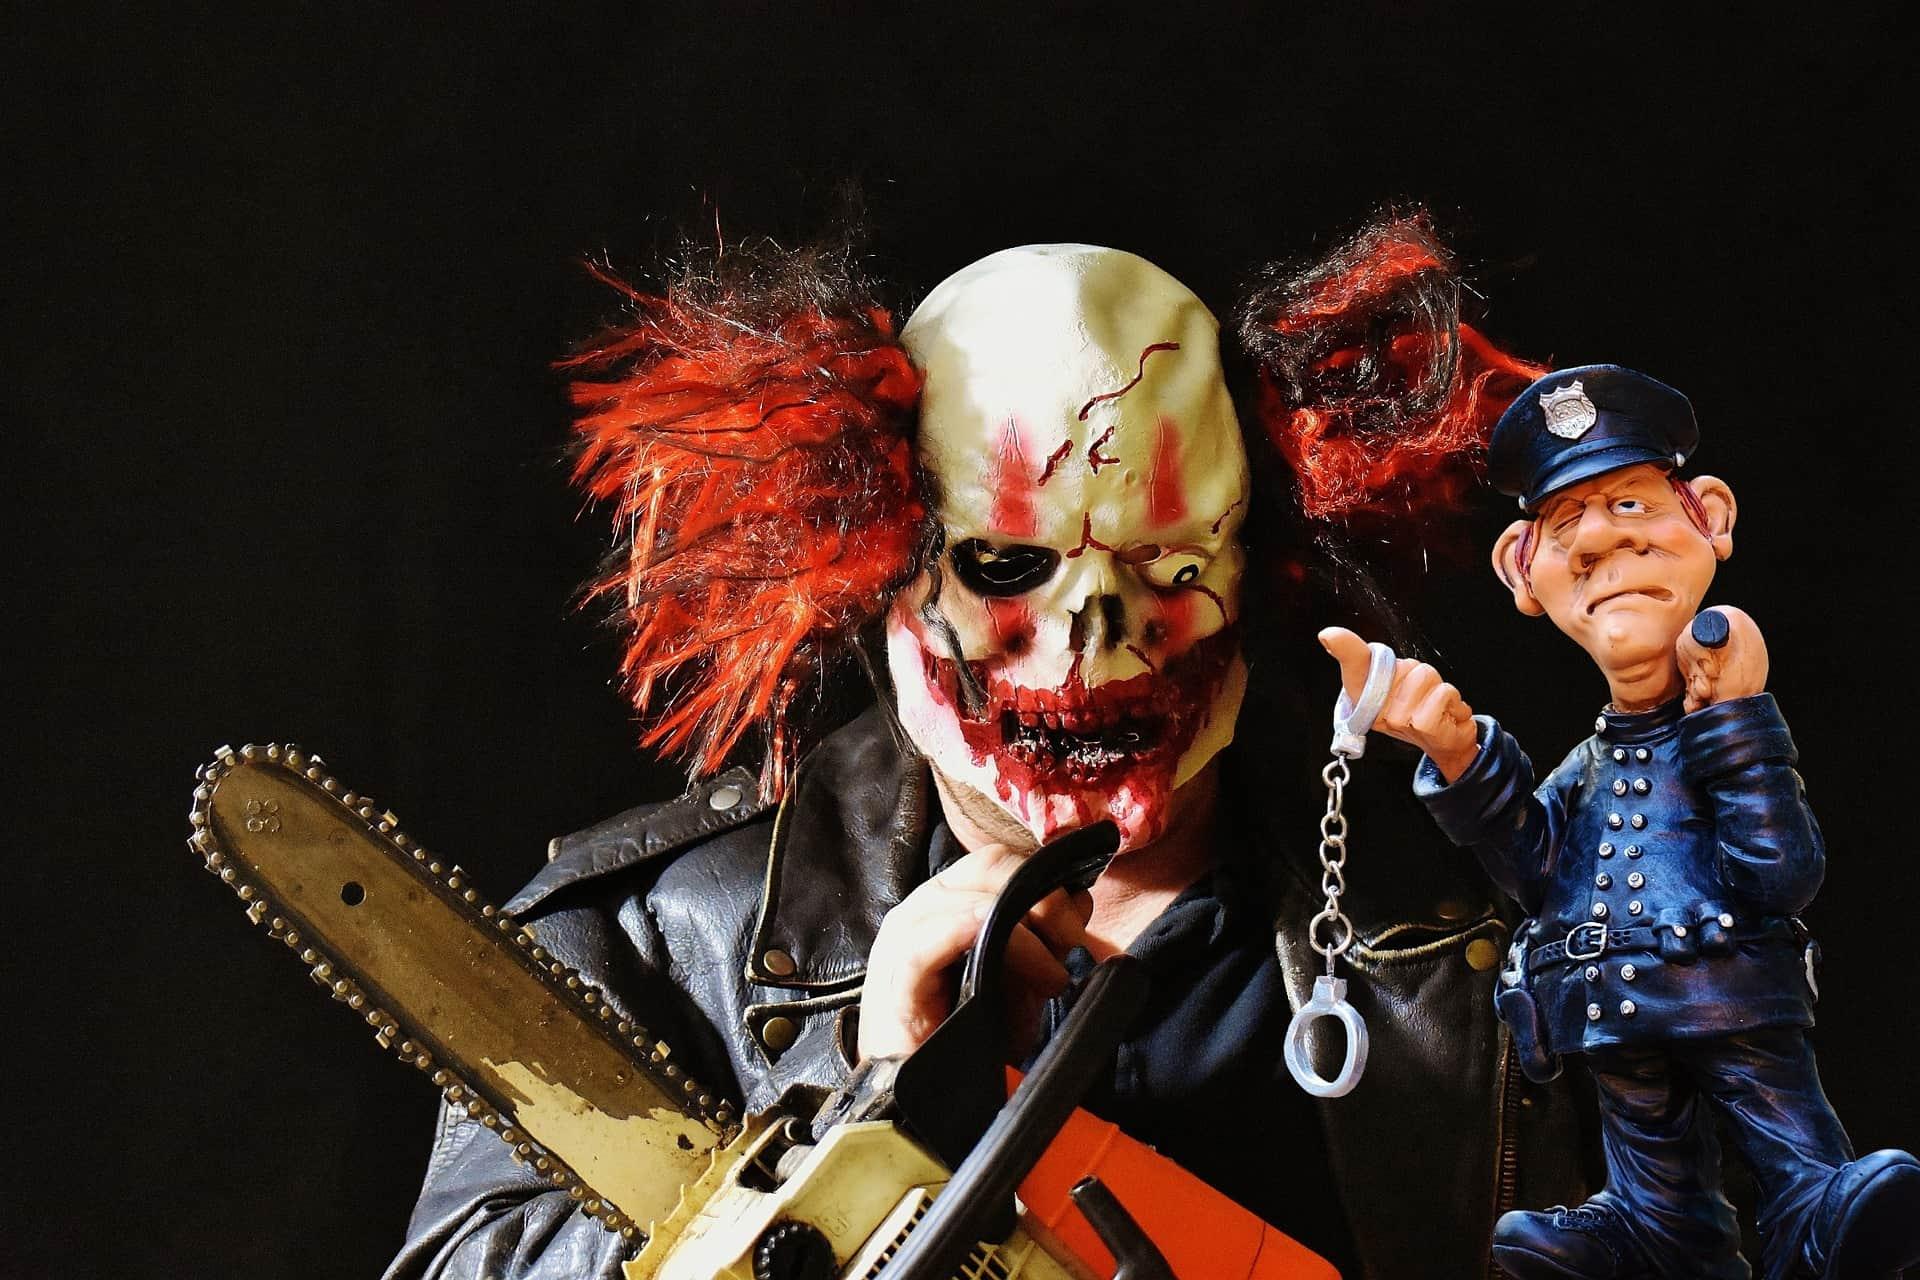 Horror Clowns werden euch in den schaurigsten momenten noch mehr erschrecken